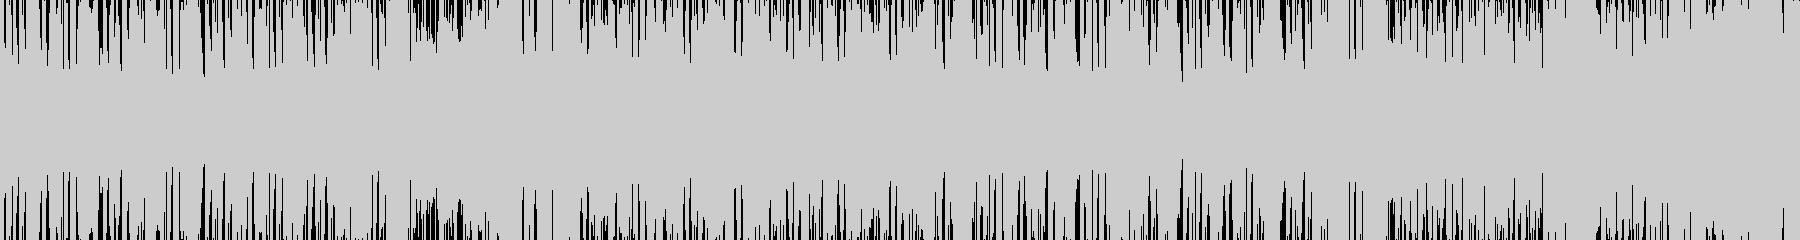 ミュージカル風BGM(ループ仕様)の未再生の波形